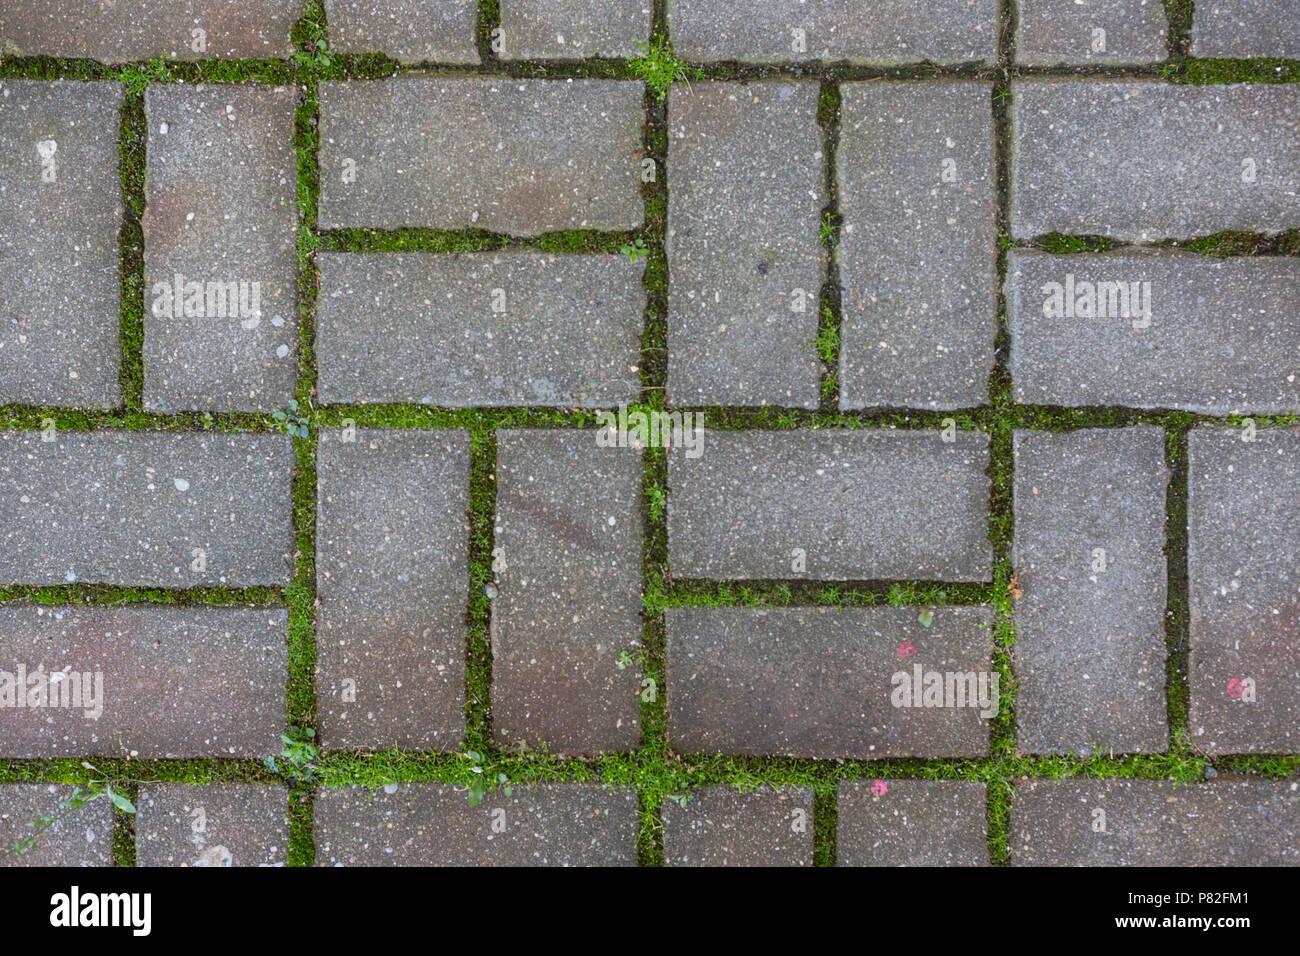 Configurazione astratta texture di sfondo piastrella di cemento